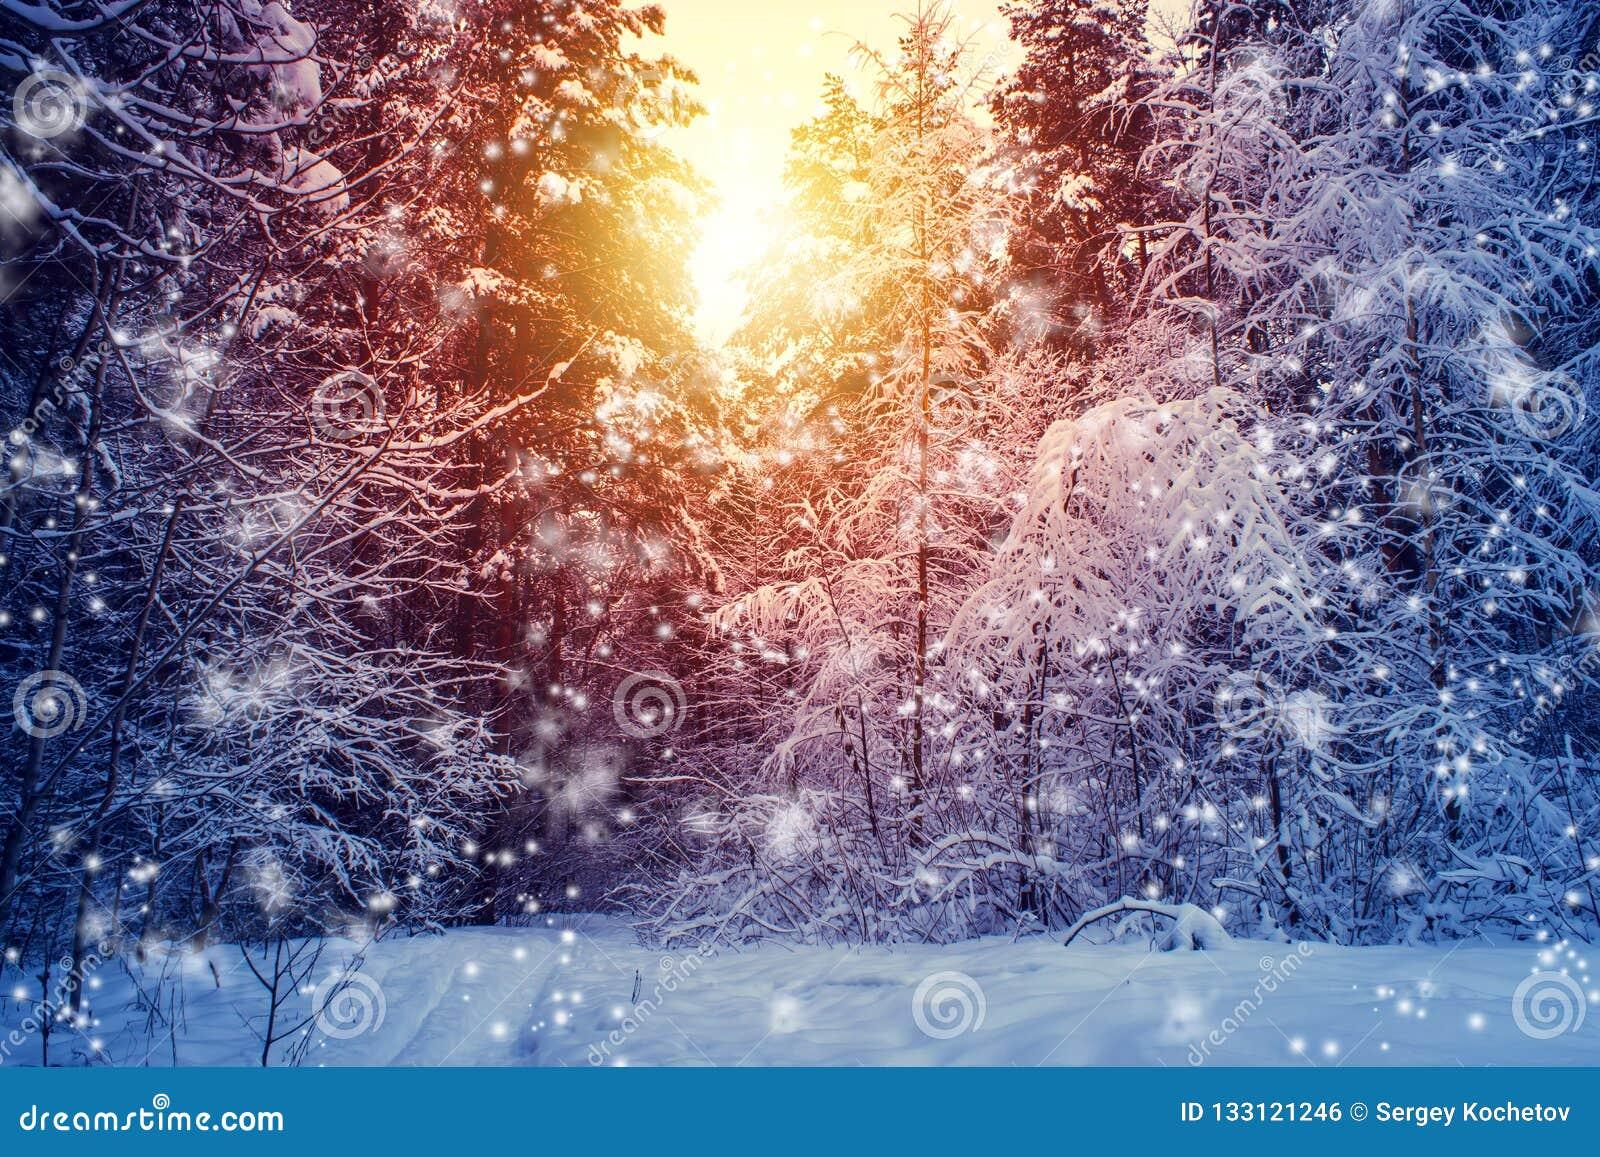 Piękny zima krajobraz z lasem, drzewami i wschodem słońca, winterly ranek nowy dzień Boże Narodzenia kształtują teren z śniegiem